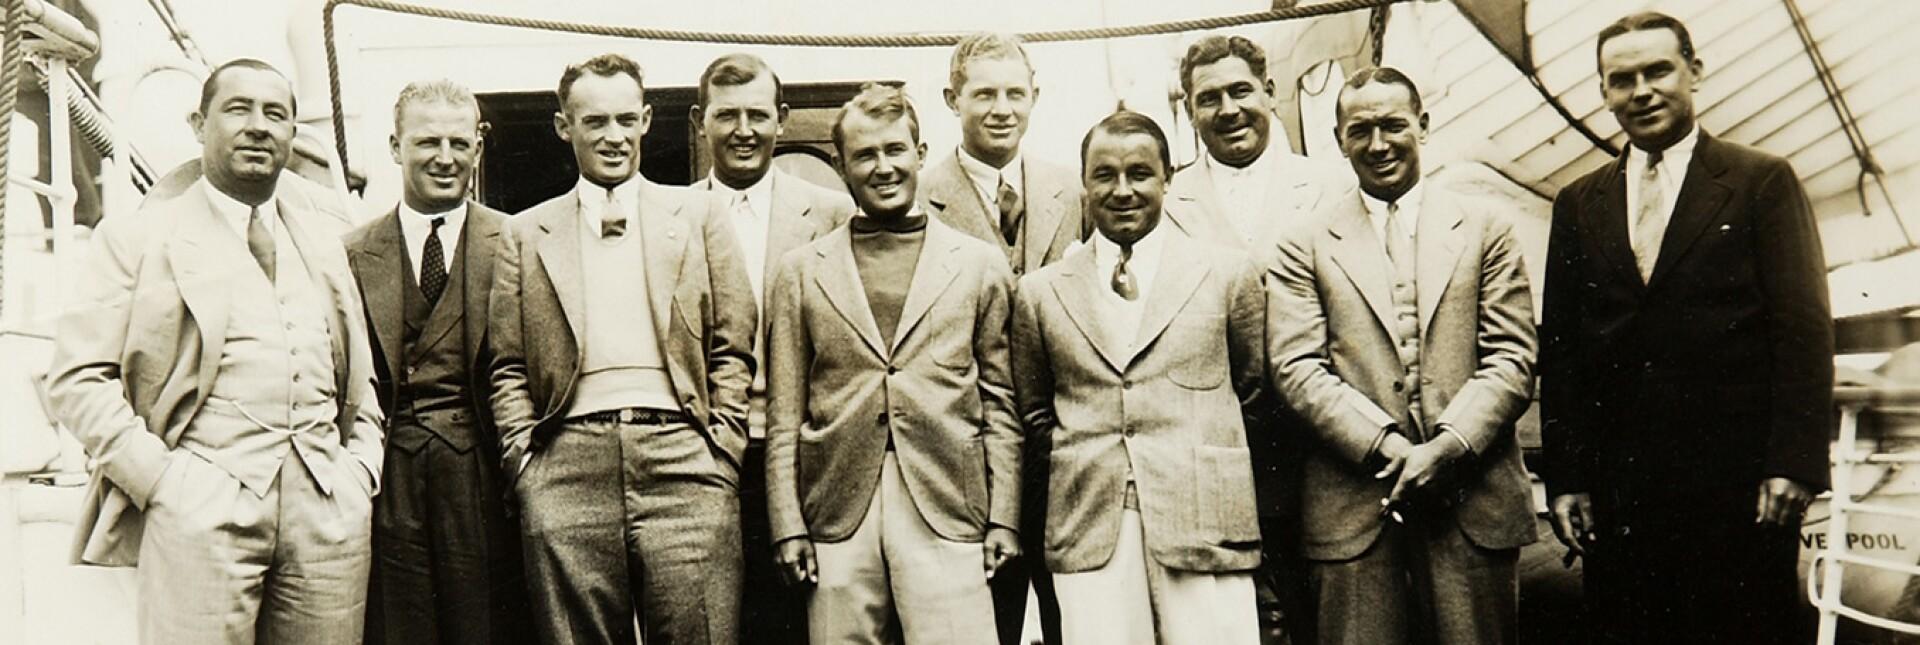 1933-American-Ryder-Cup-team-wide.jpg